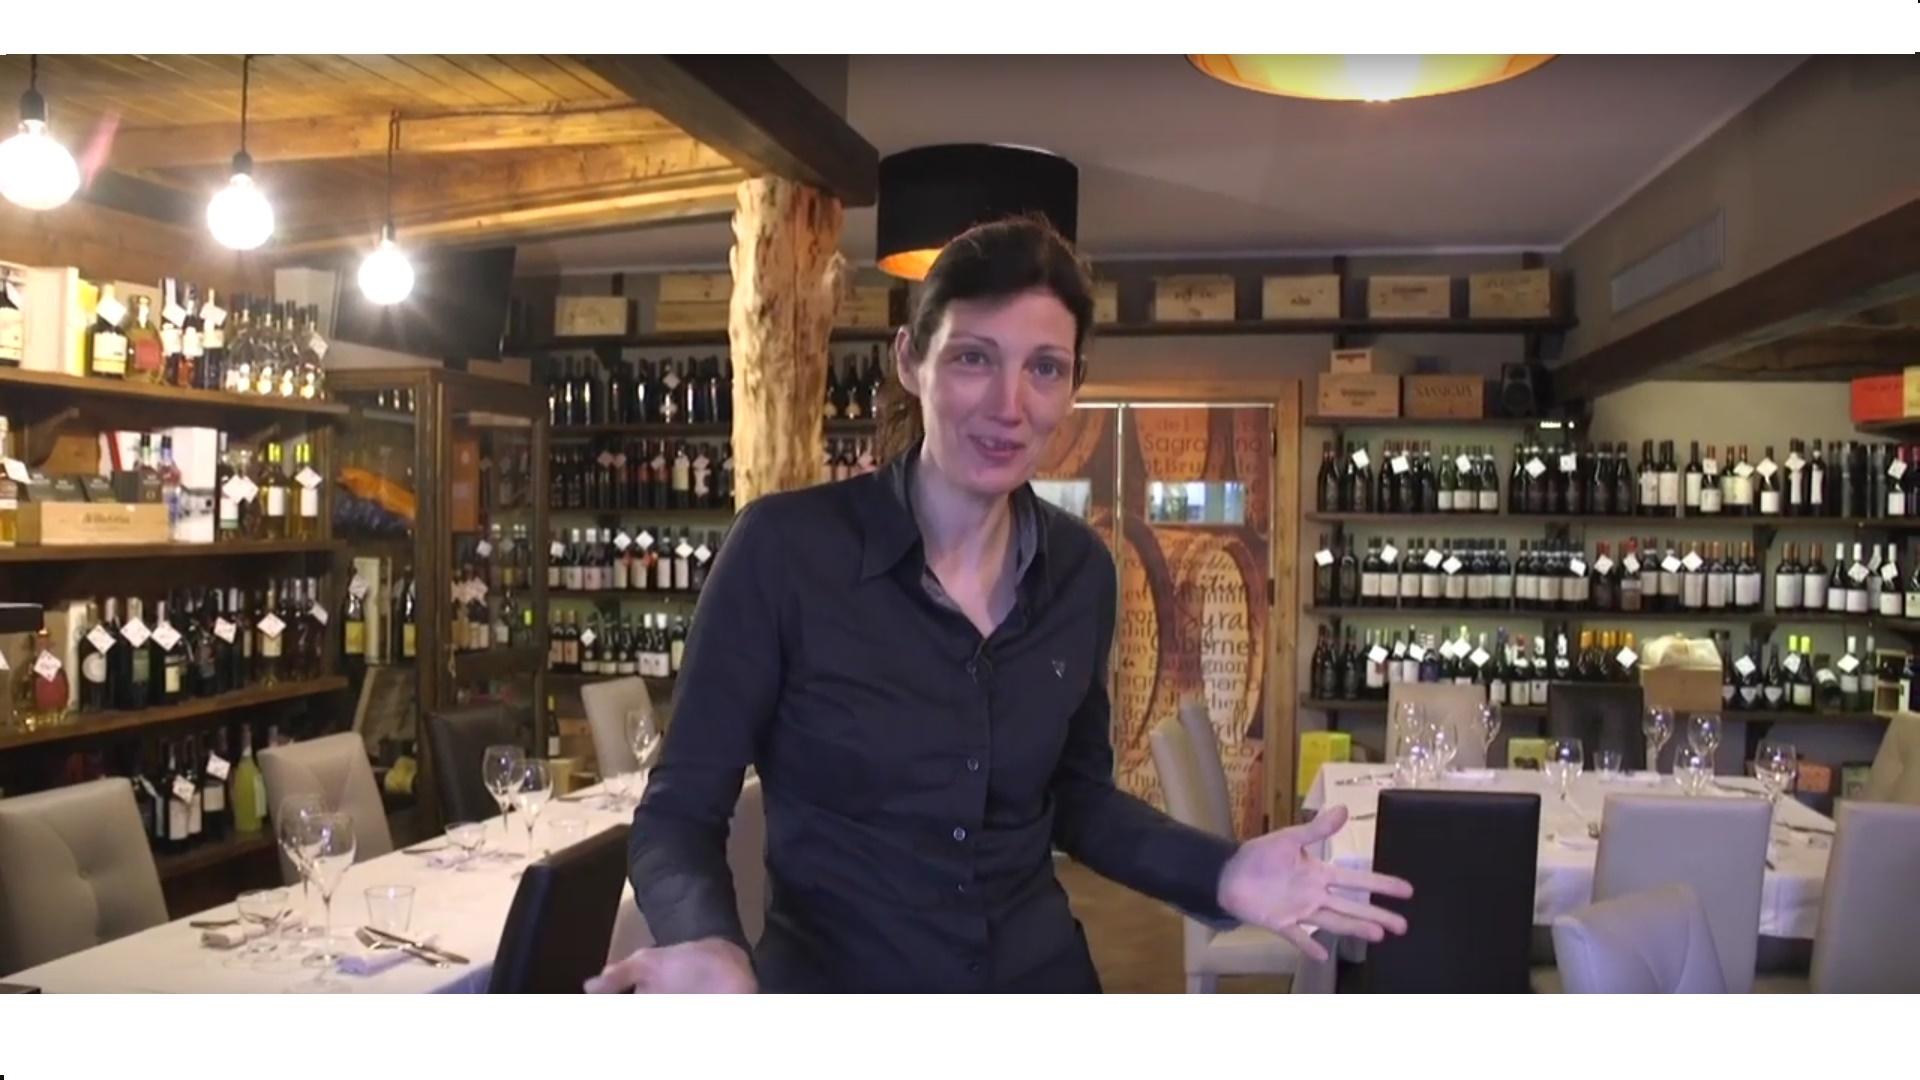 Stéphanie et sa découverte des vins italiens